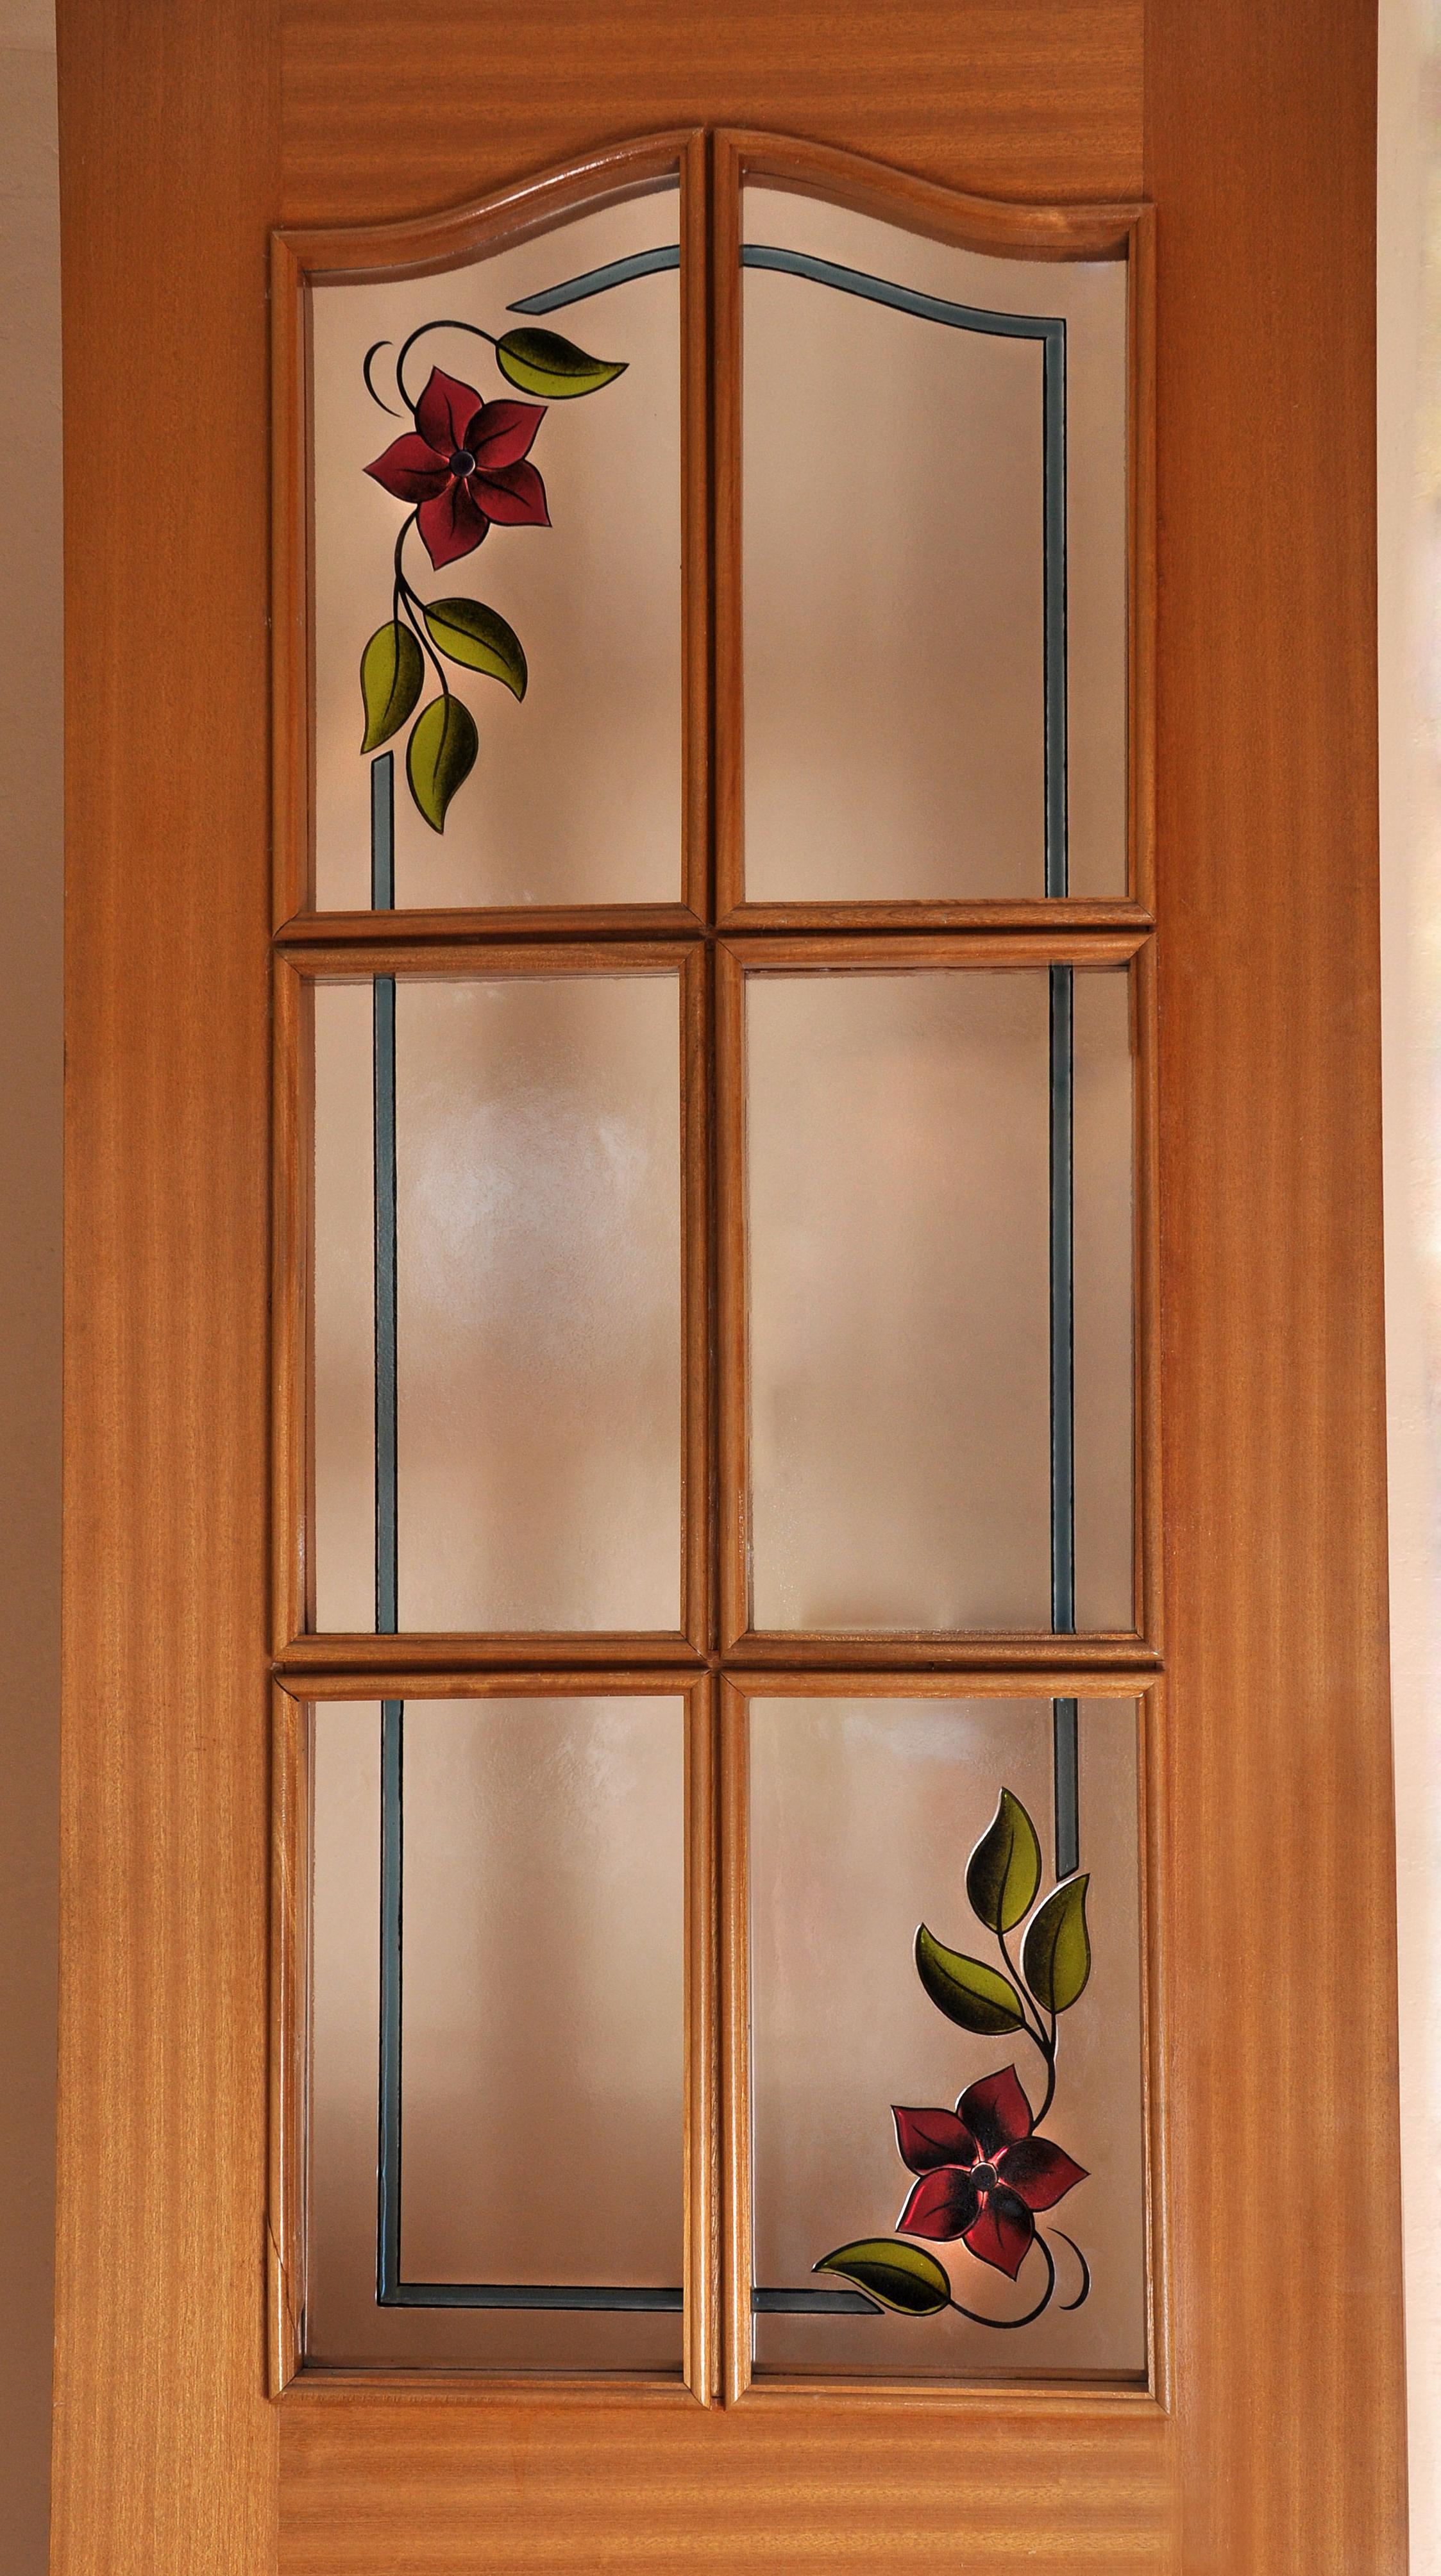 Atractivo catalogo de cristales para puertas de interior for Cristales para puertas de interior catalogo